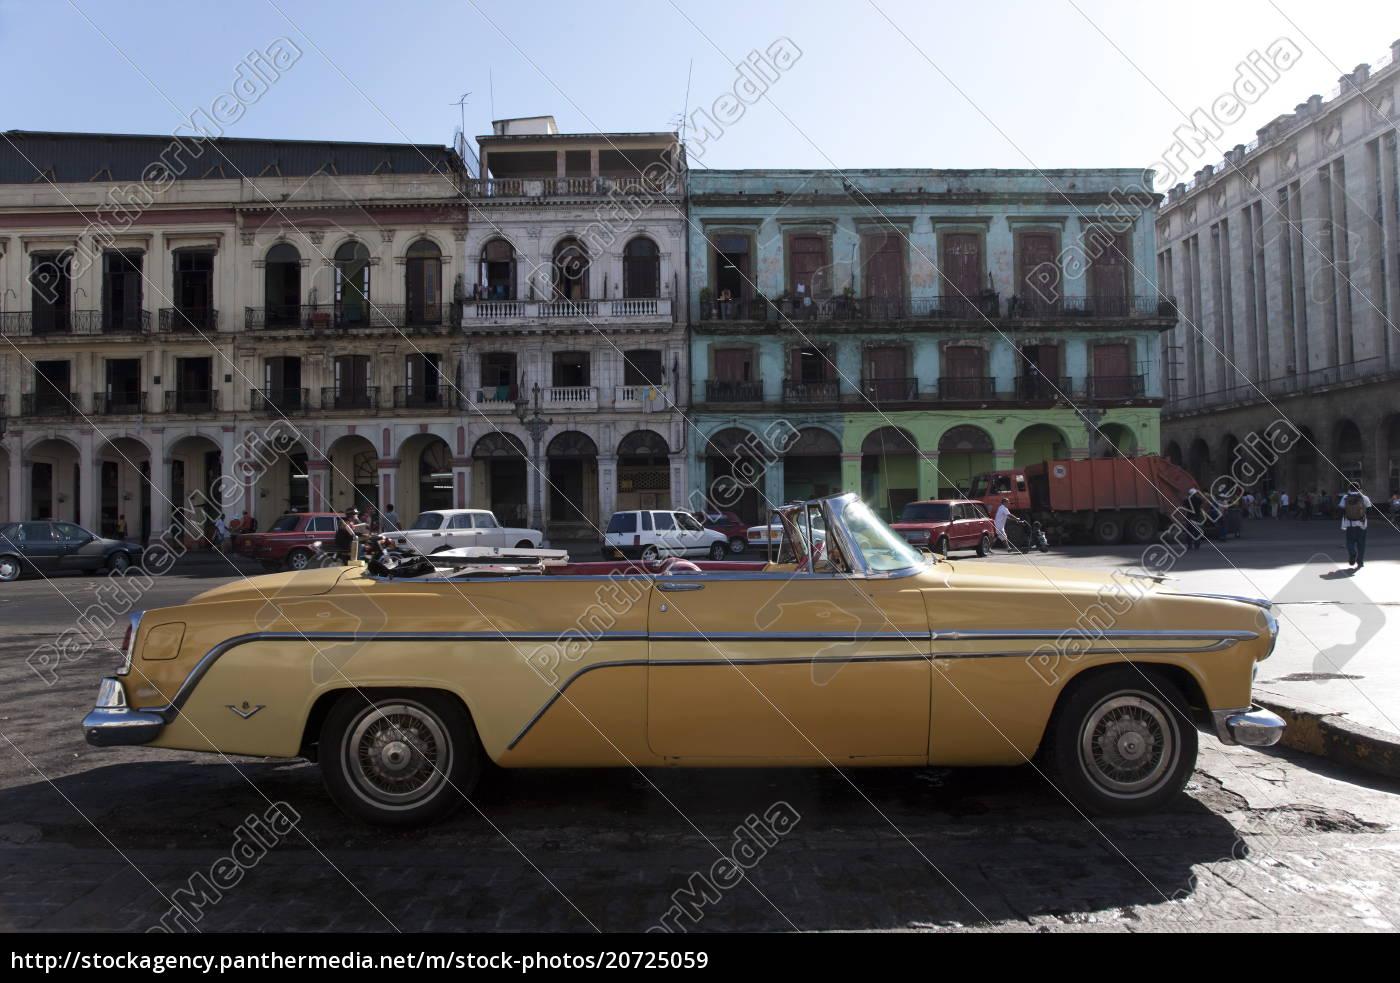 Lizenzpflichtiges Bild 20725059 Altes Auto Außerhalb Des Capitolio Havana Kuba Antillen